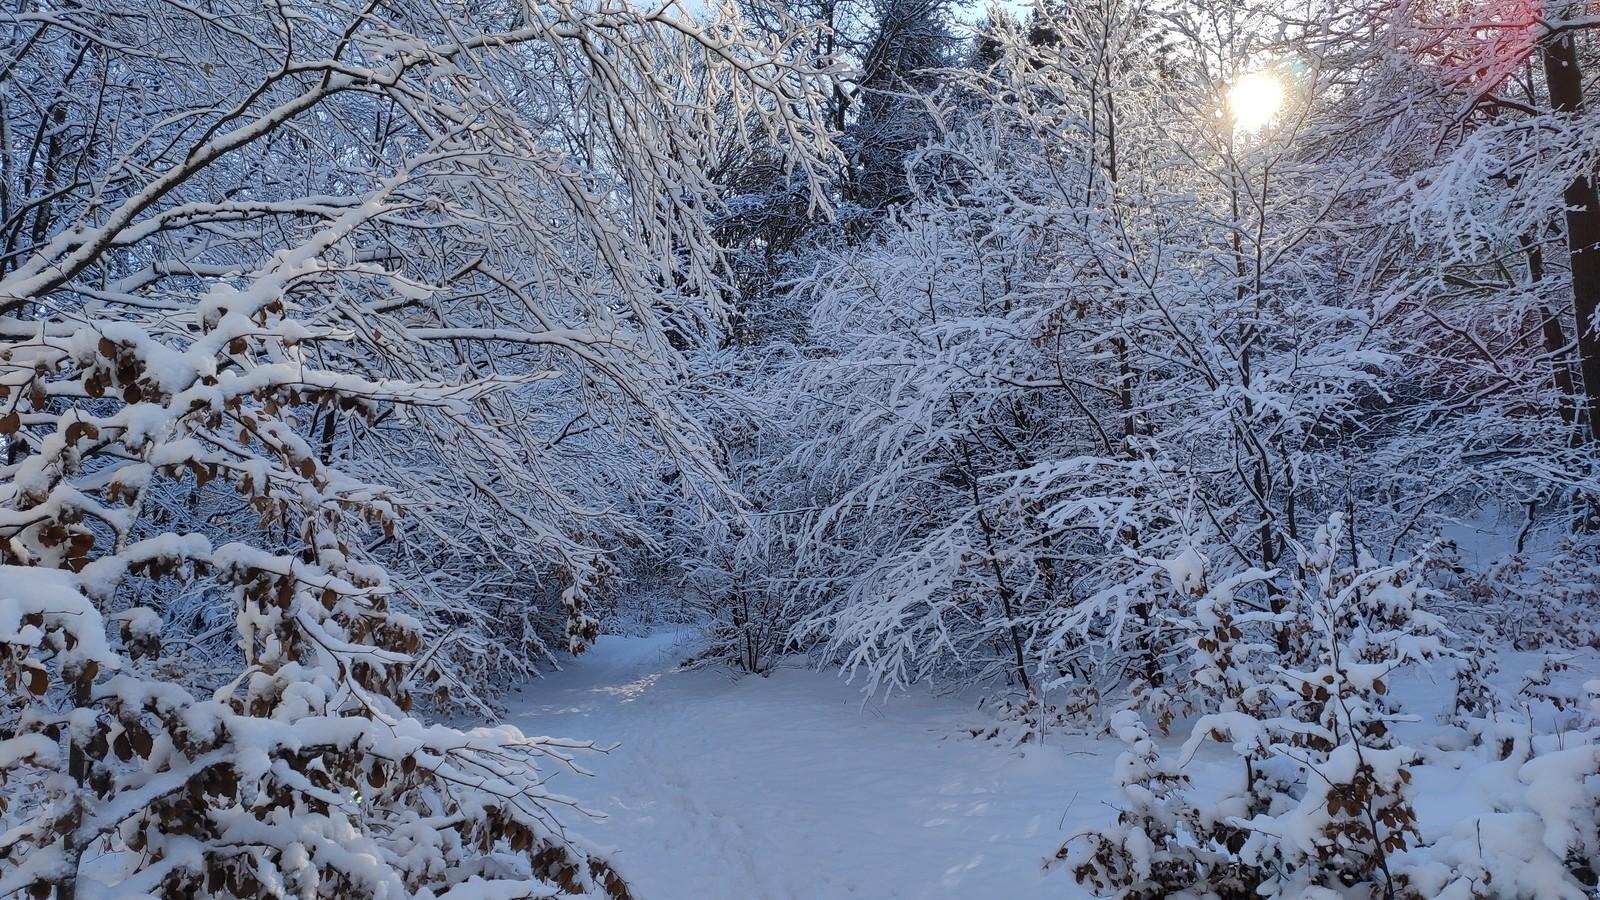 Kirkeler Tafeltour bei Schnee